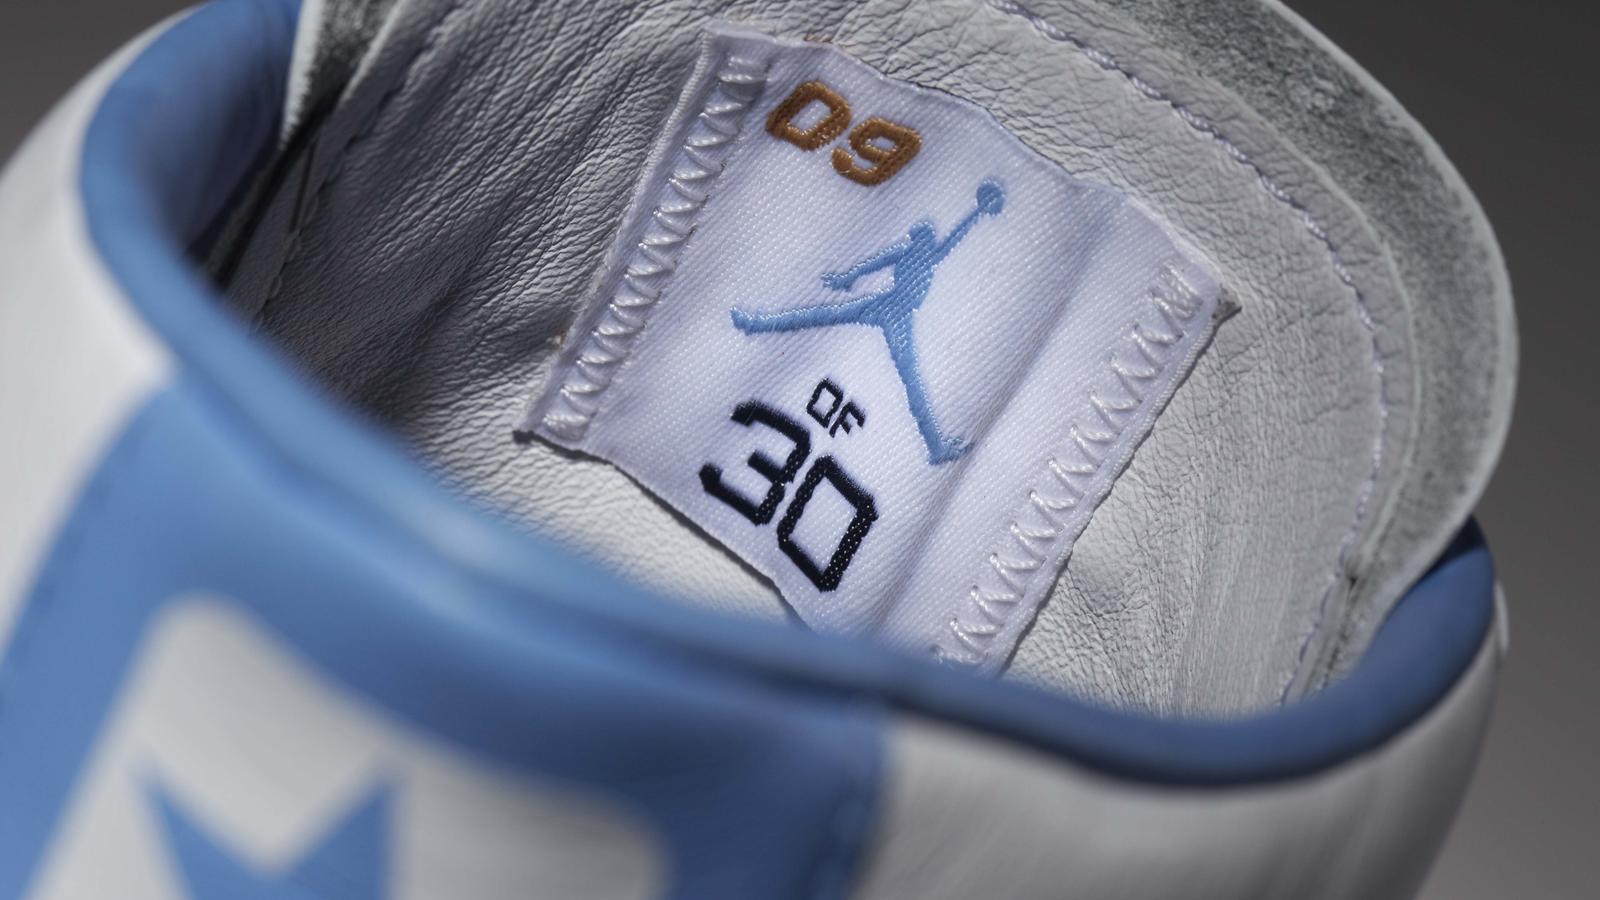 b31fee8927fd Jordan Converse Kit 11729. Jordan Converse Kit 11745.  Jordan Converse Kit 11748. Jordan Converse Kit 11760.  Nike Jordan 30th BlueLiner Base